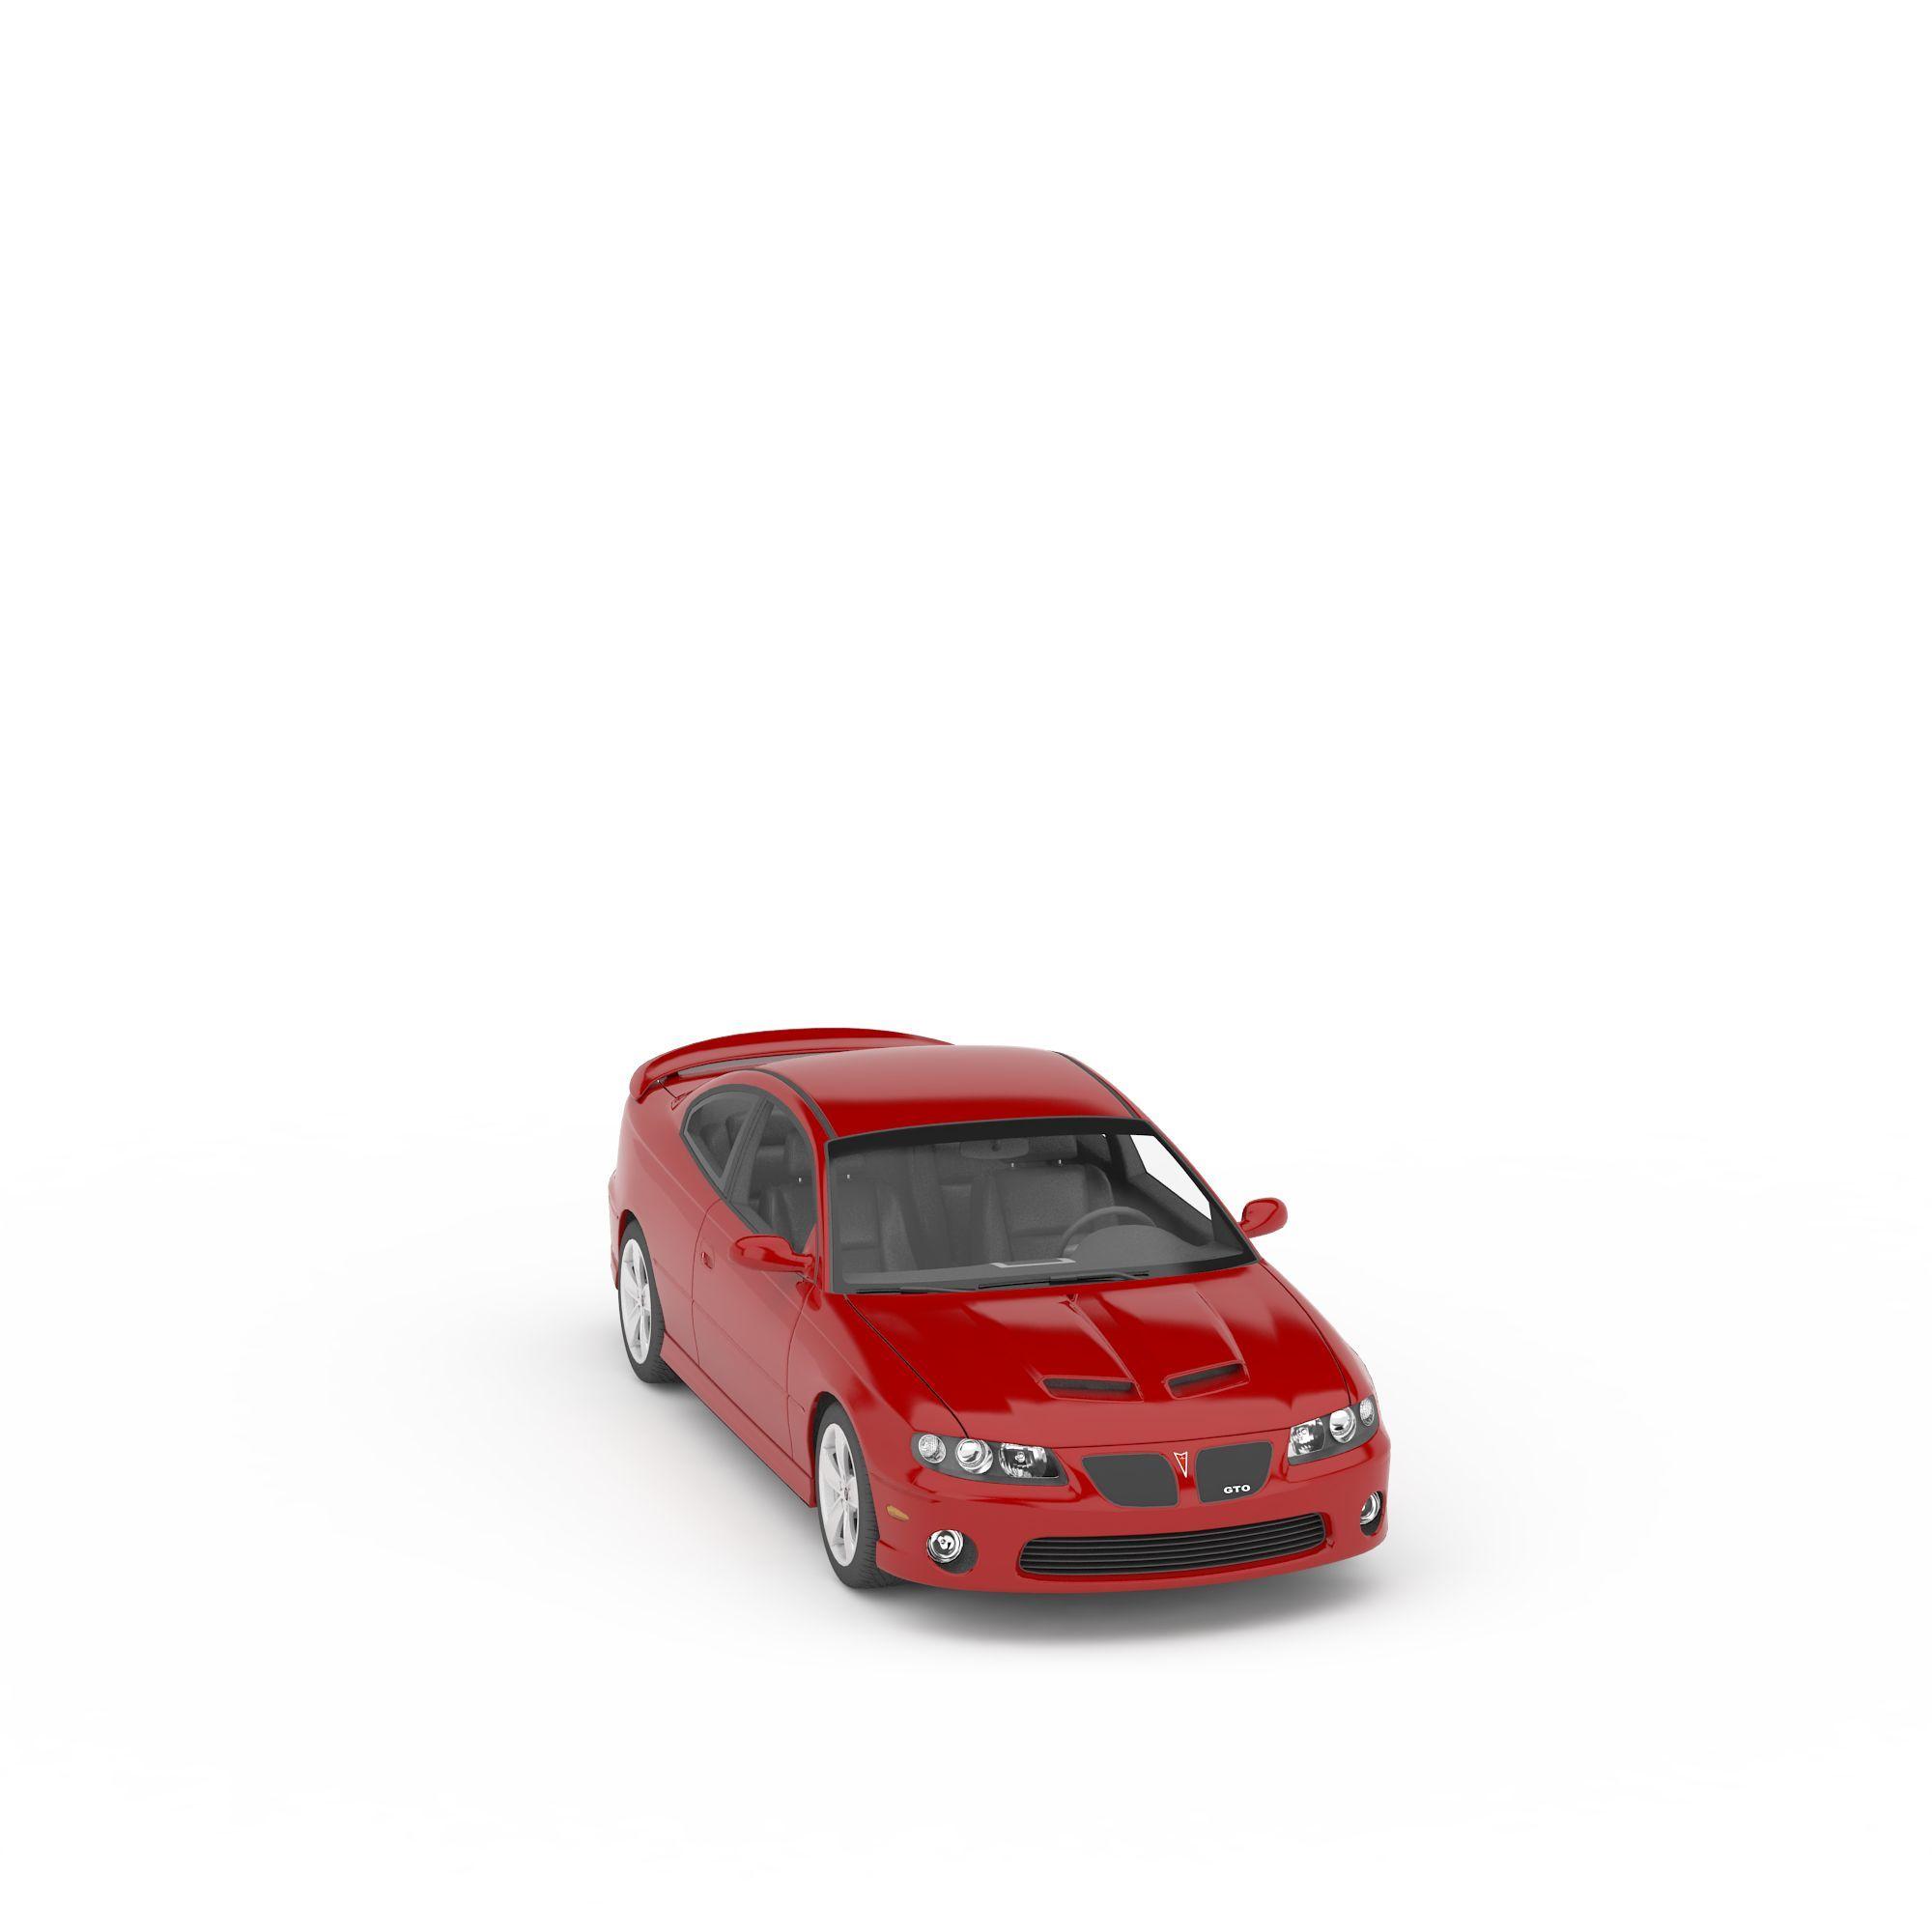 高档红色汽车png高清图片下载